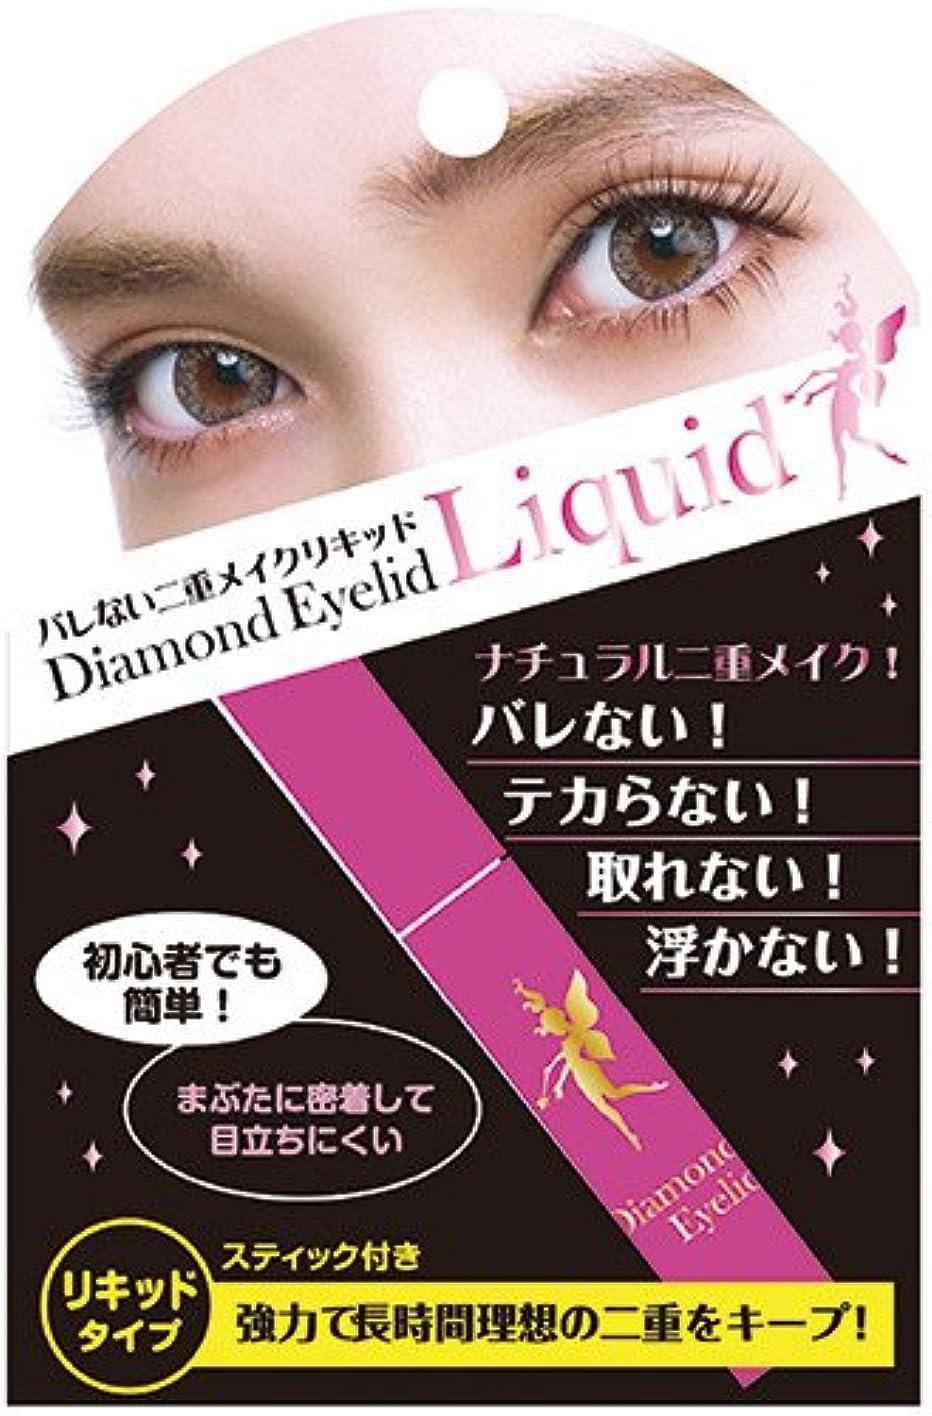 わな含むボルトダイヤモンドアイリッド リキッド 3ml